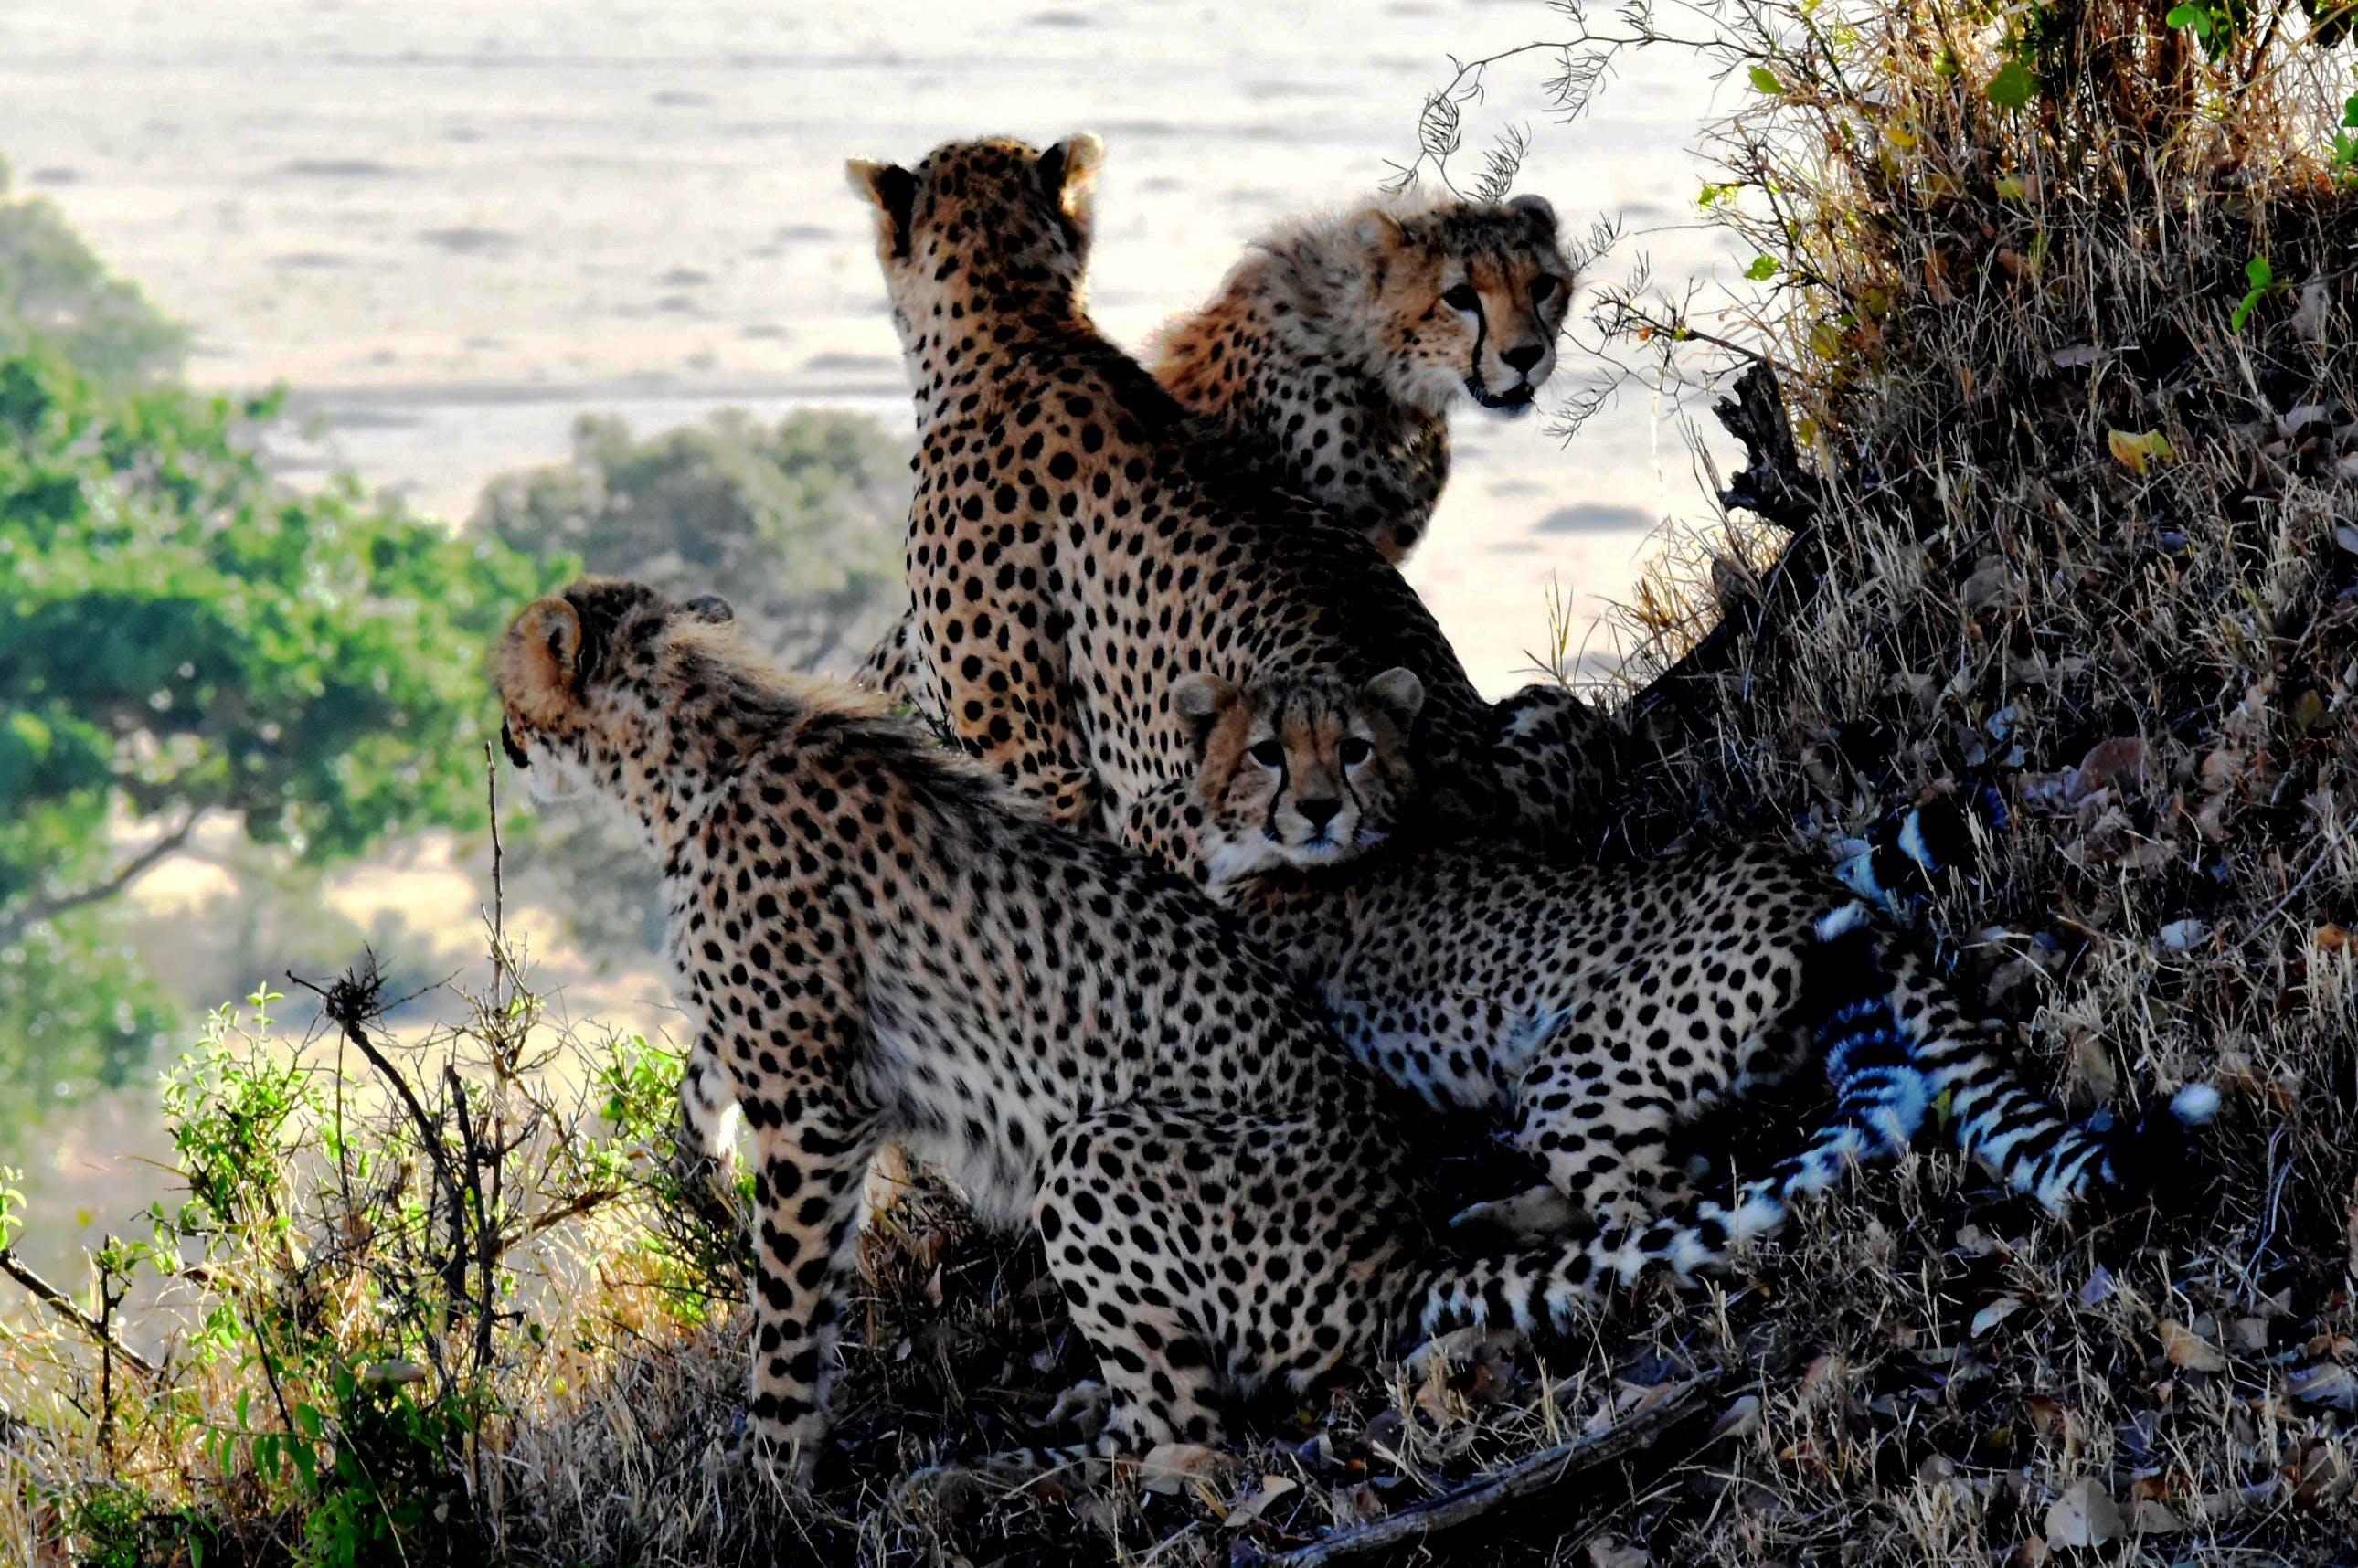 4 Cheetahs Sitting and Lying during Daytine